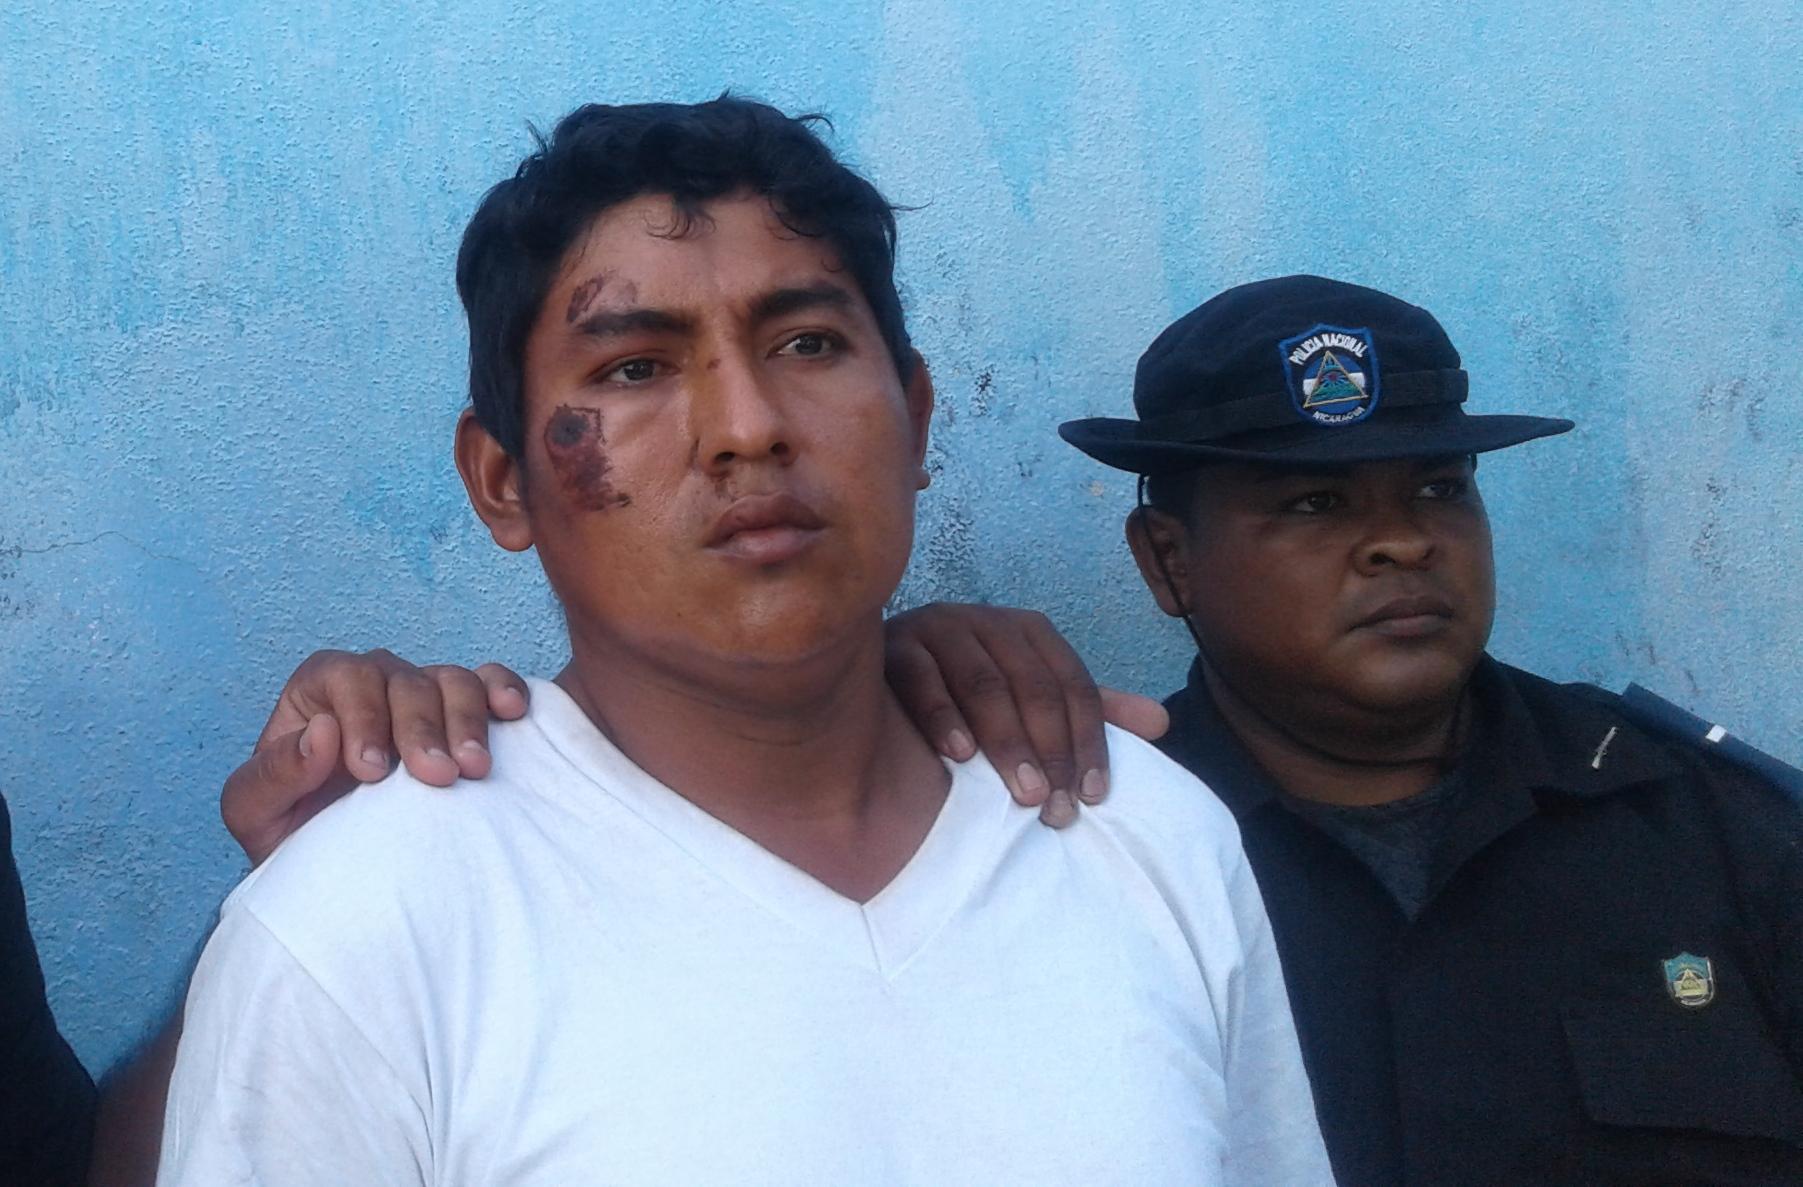 Asesina con un machete a su suegro en Posoltega - La Prensa (Nicaragua)